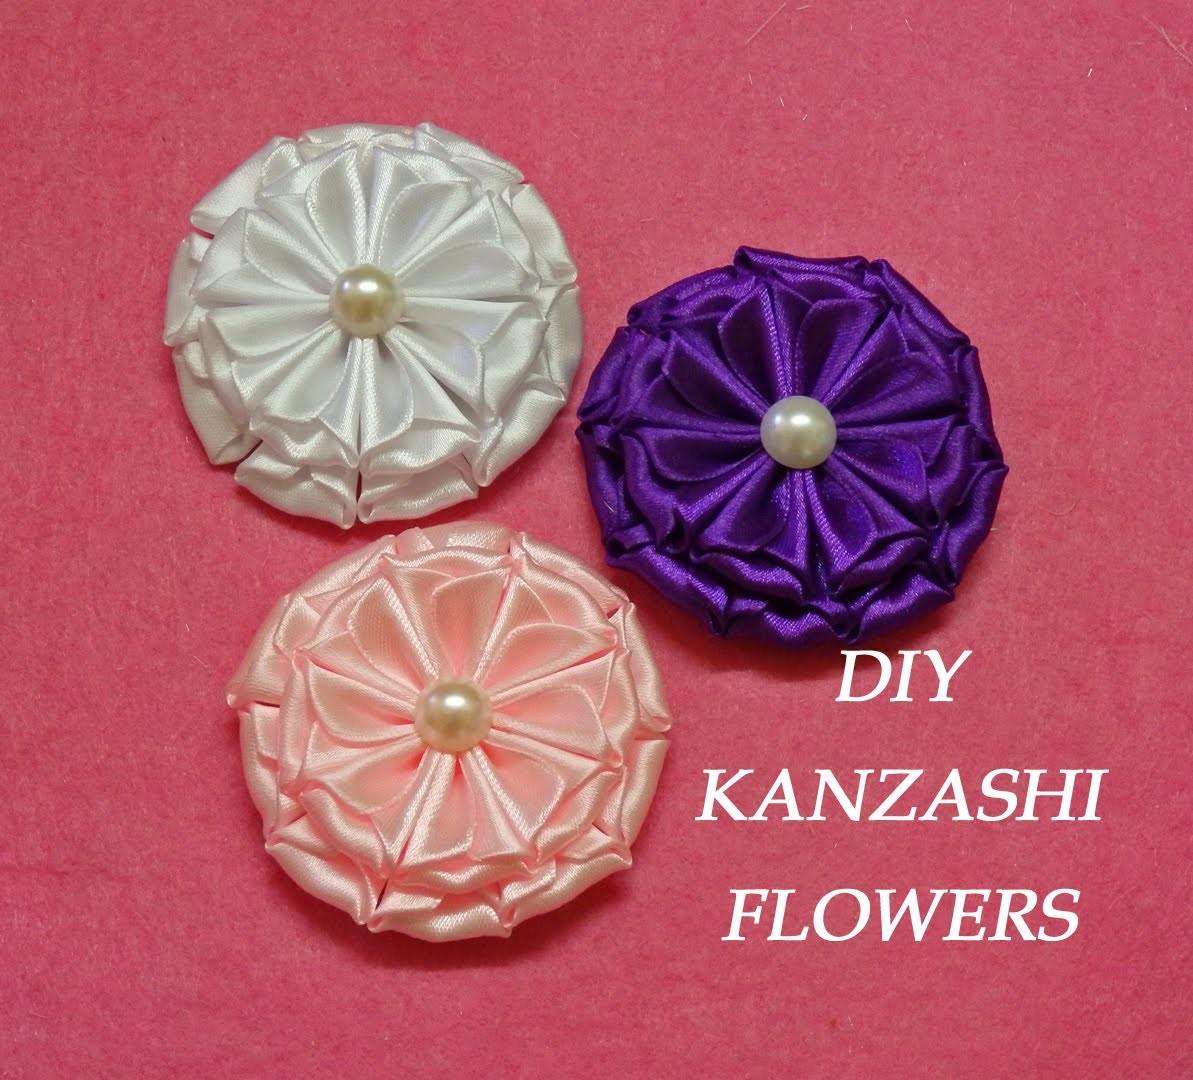 DIY kanzashi flowers,kanzashi tutorial,how to make,easy,kanzashi flores de cinta